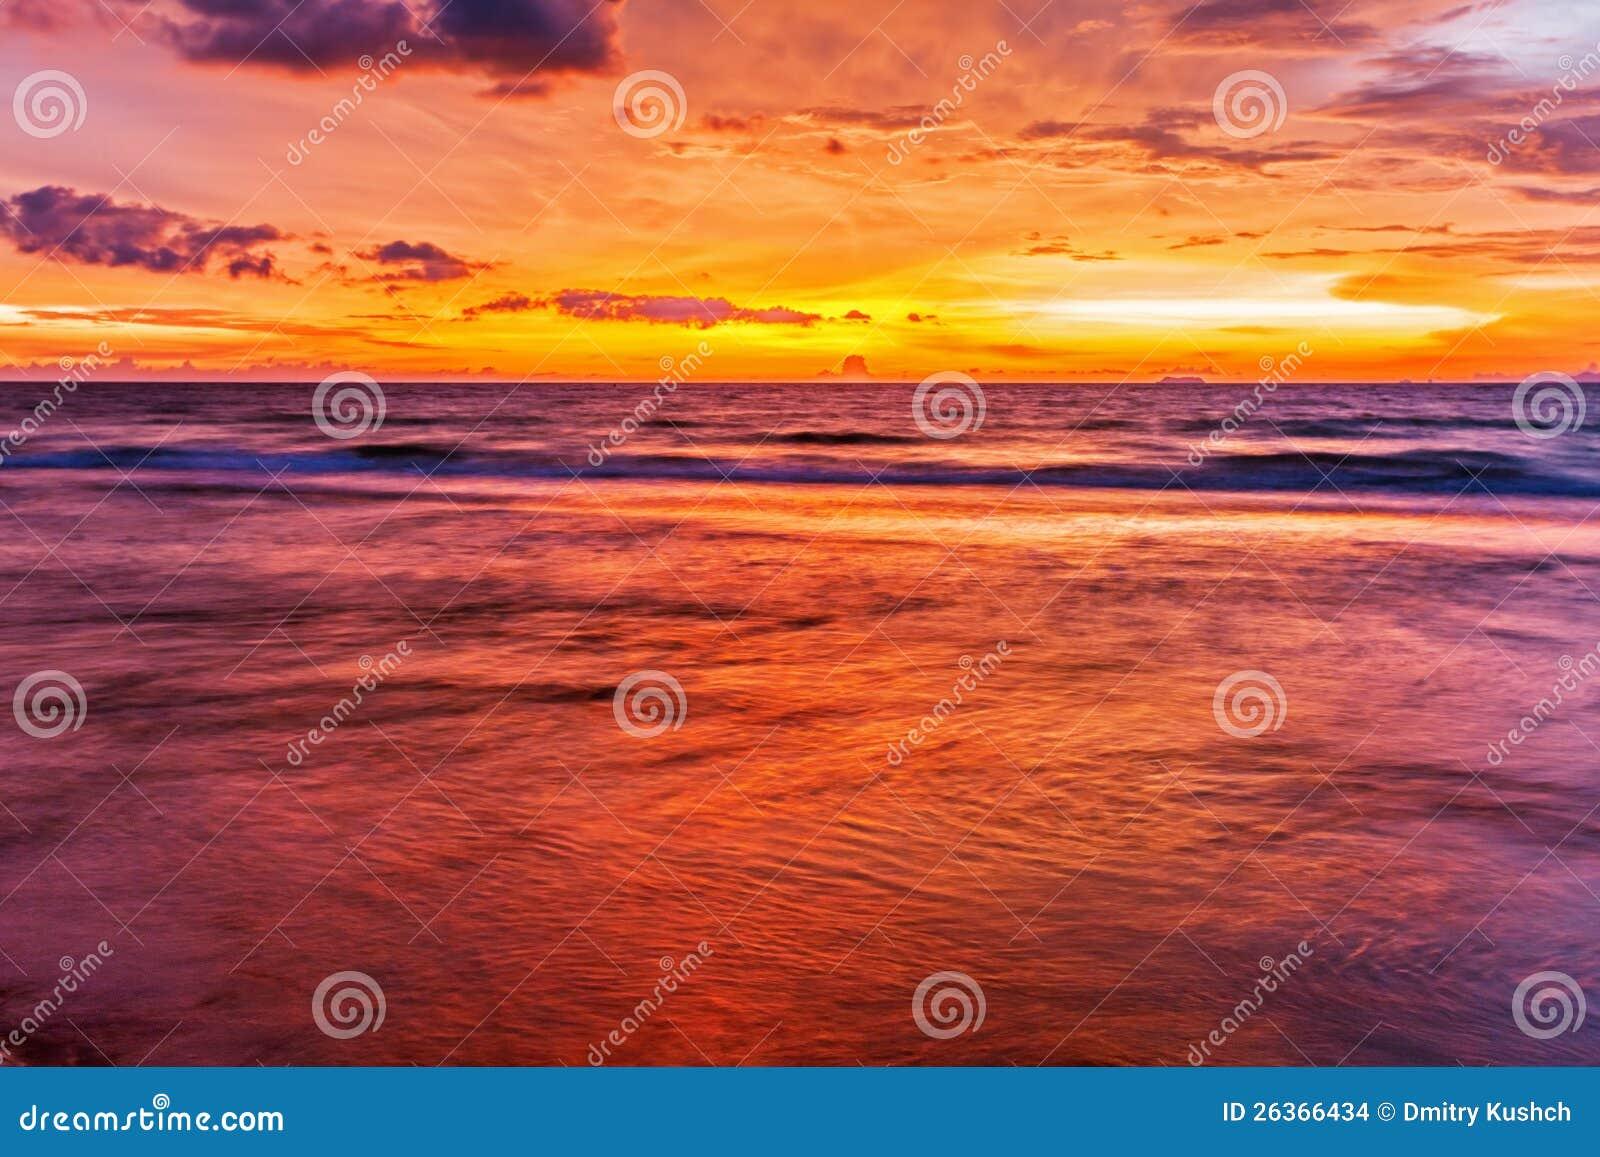 Playa tropical en la puesta del sol.